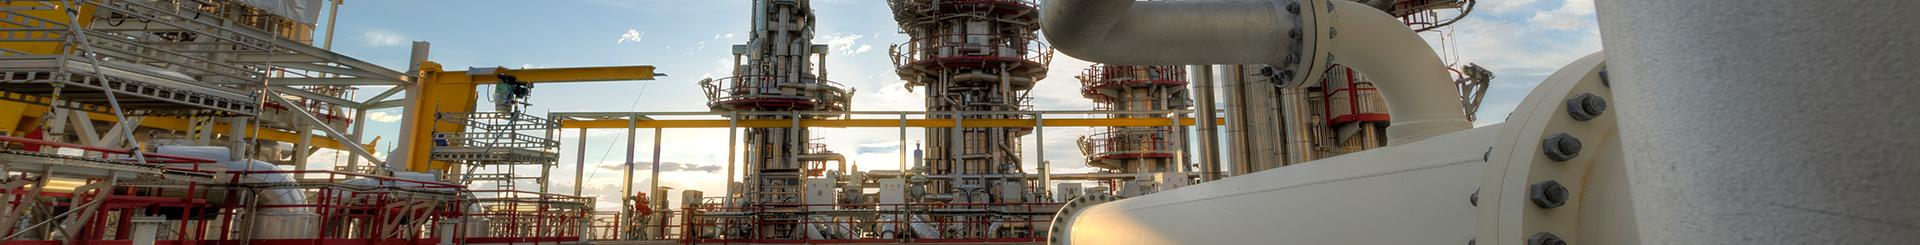 Oil, Gas & Petrochemical - Rolman World